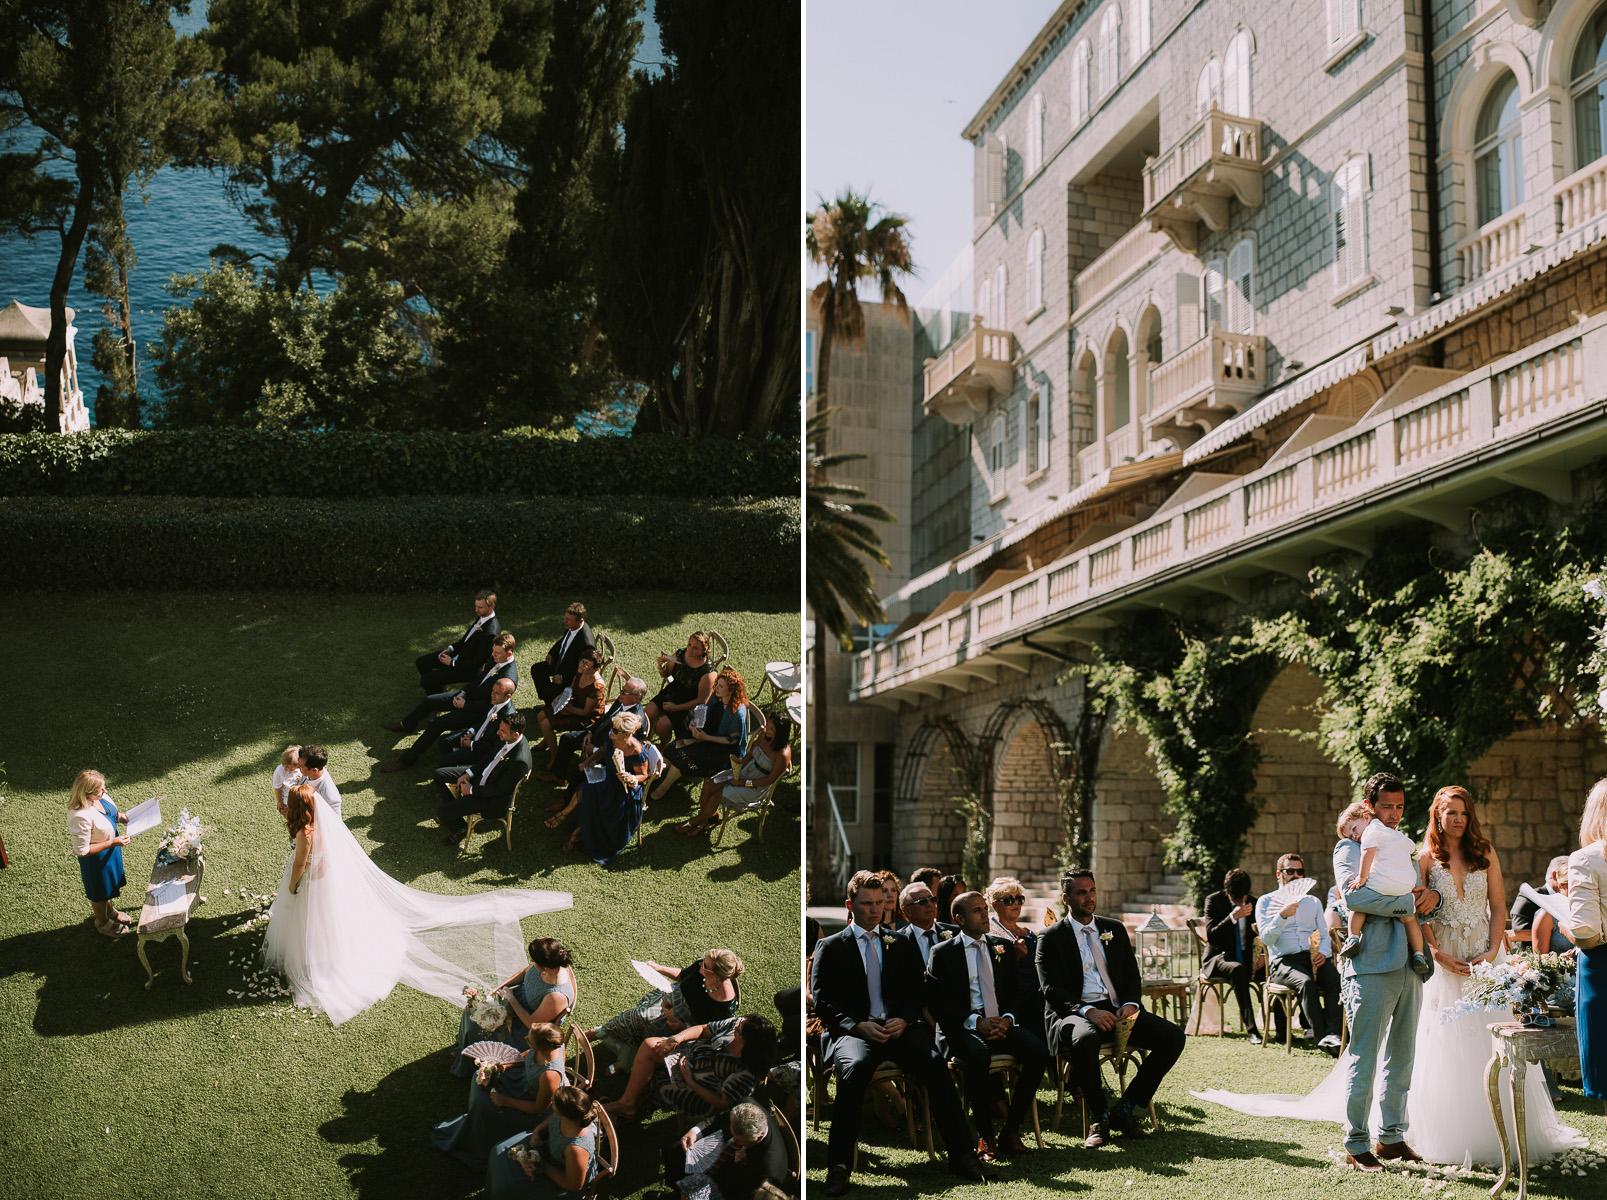 wedding in dubrovnik - de botanika weddings (53 of 193).jpg